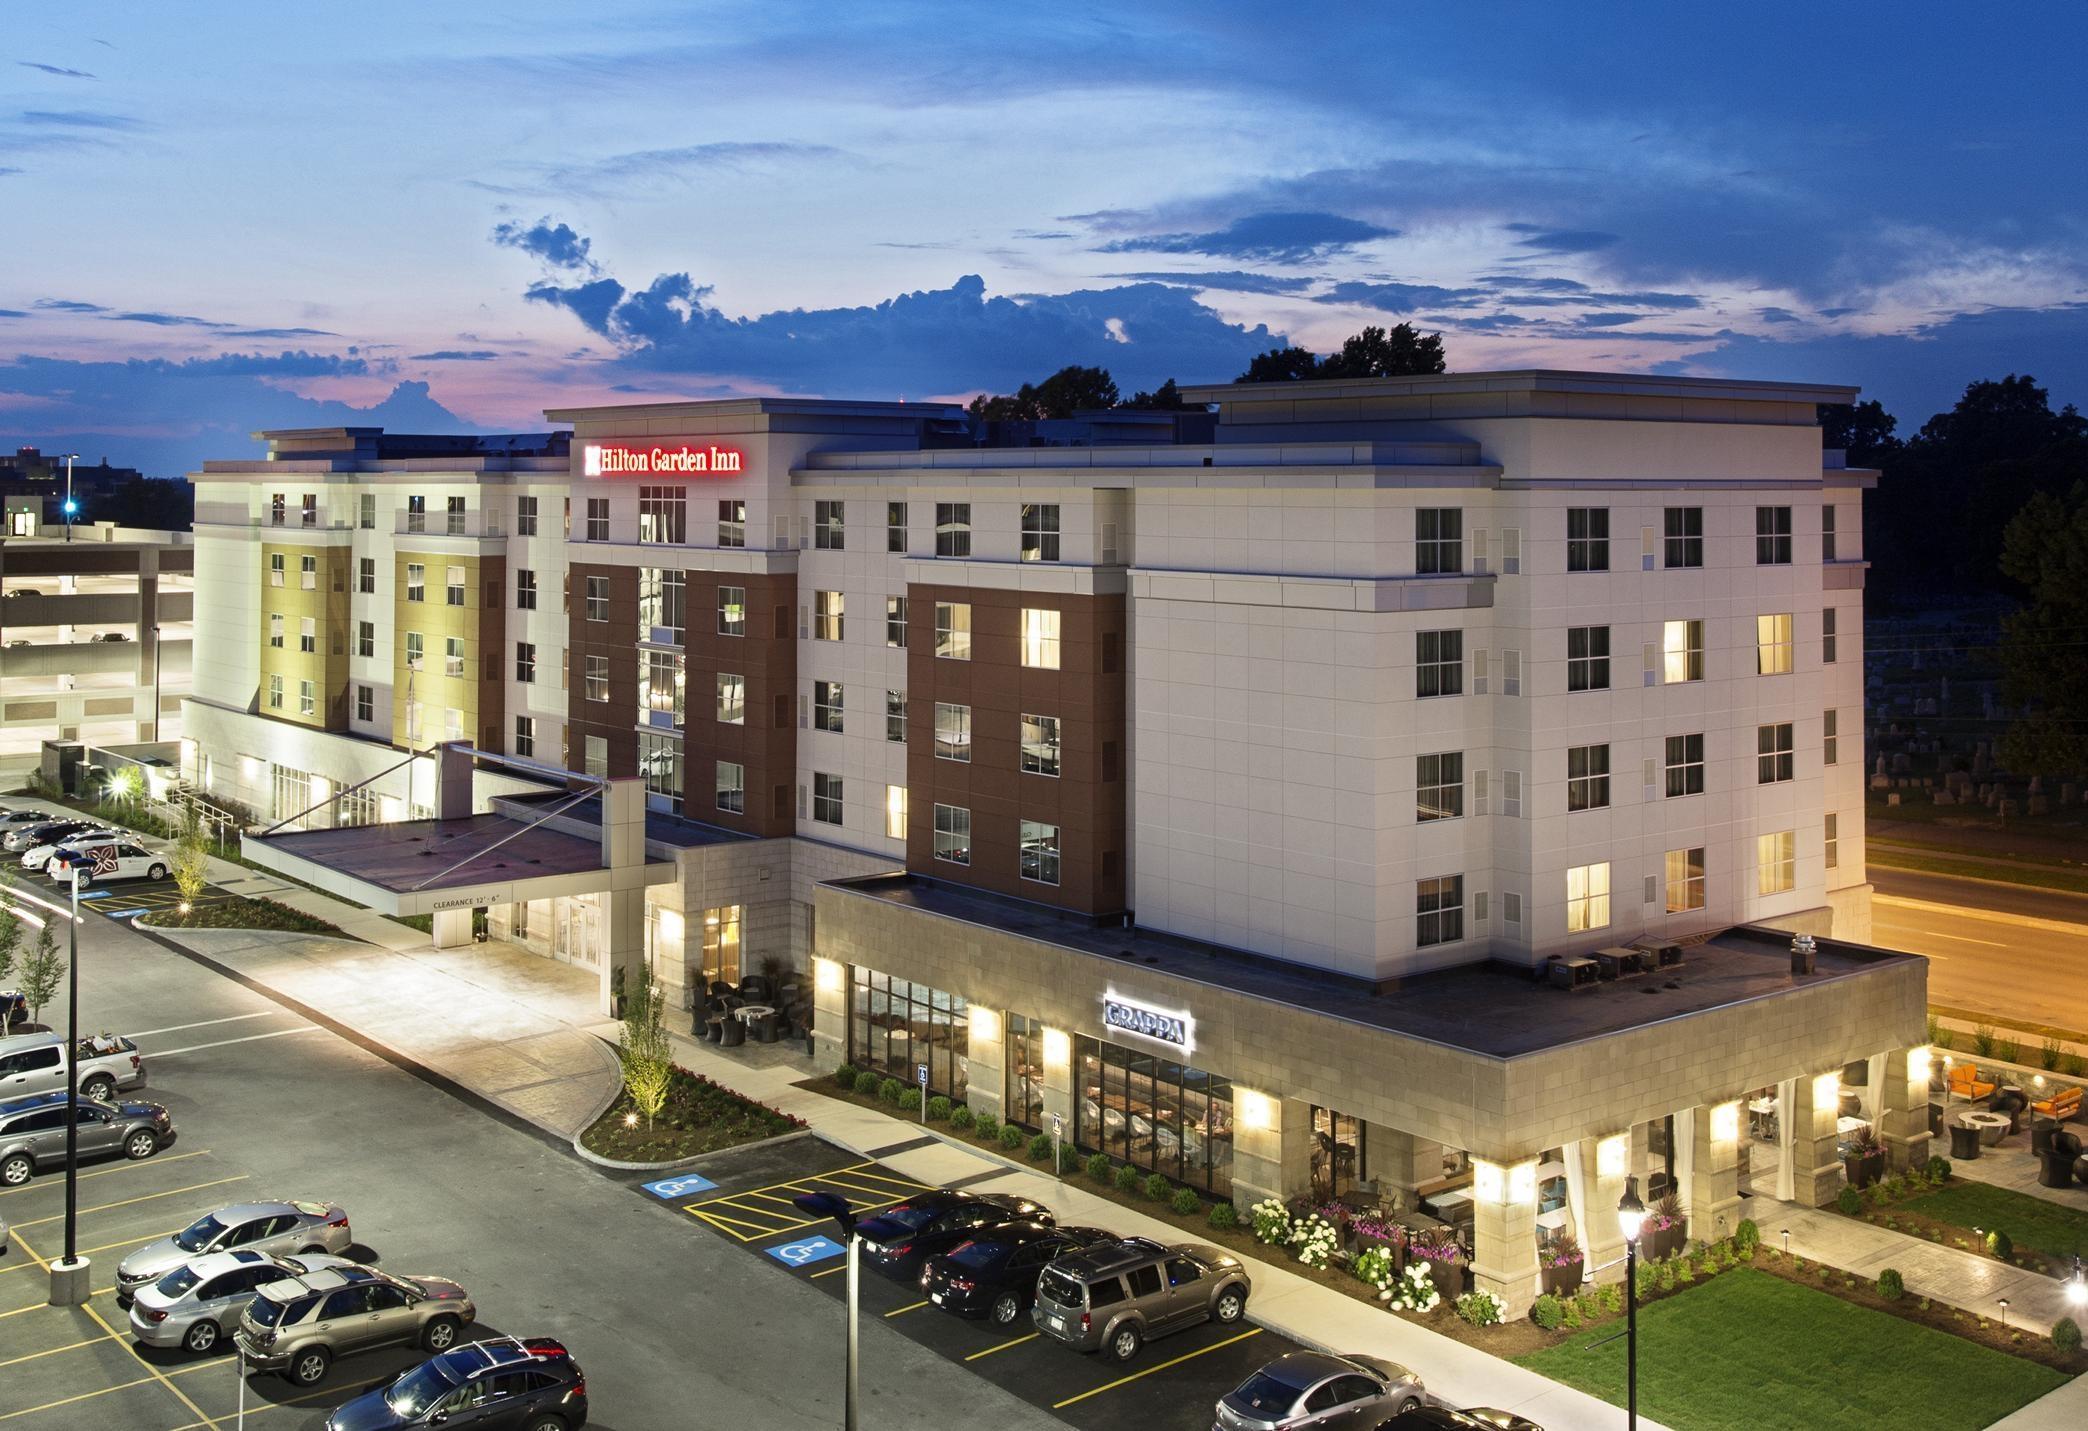 Hilton Garden Inn Rochester University Medical Center Rochester New York